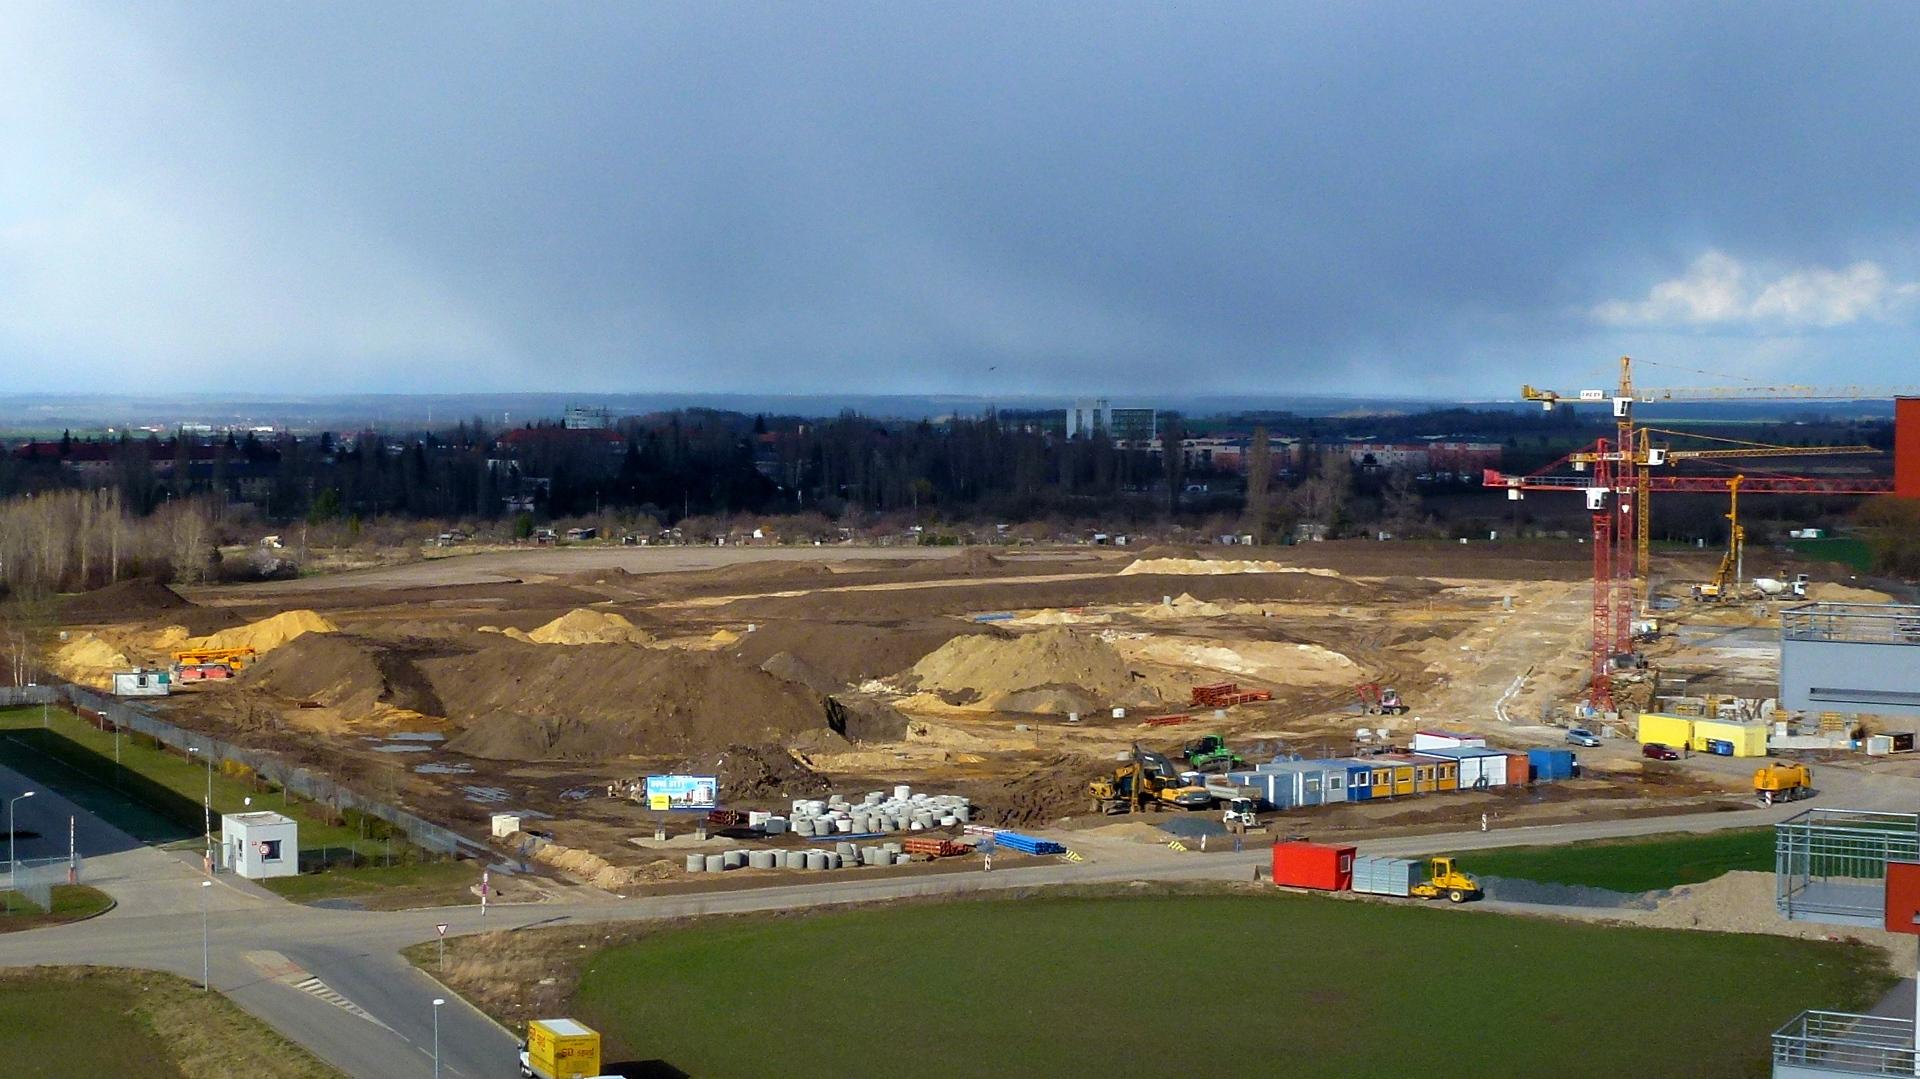 Pohled na staveniště z budovy CG 4.4.2015